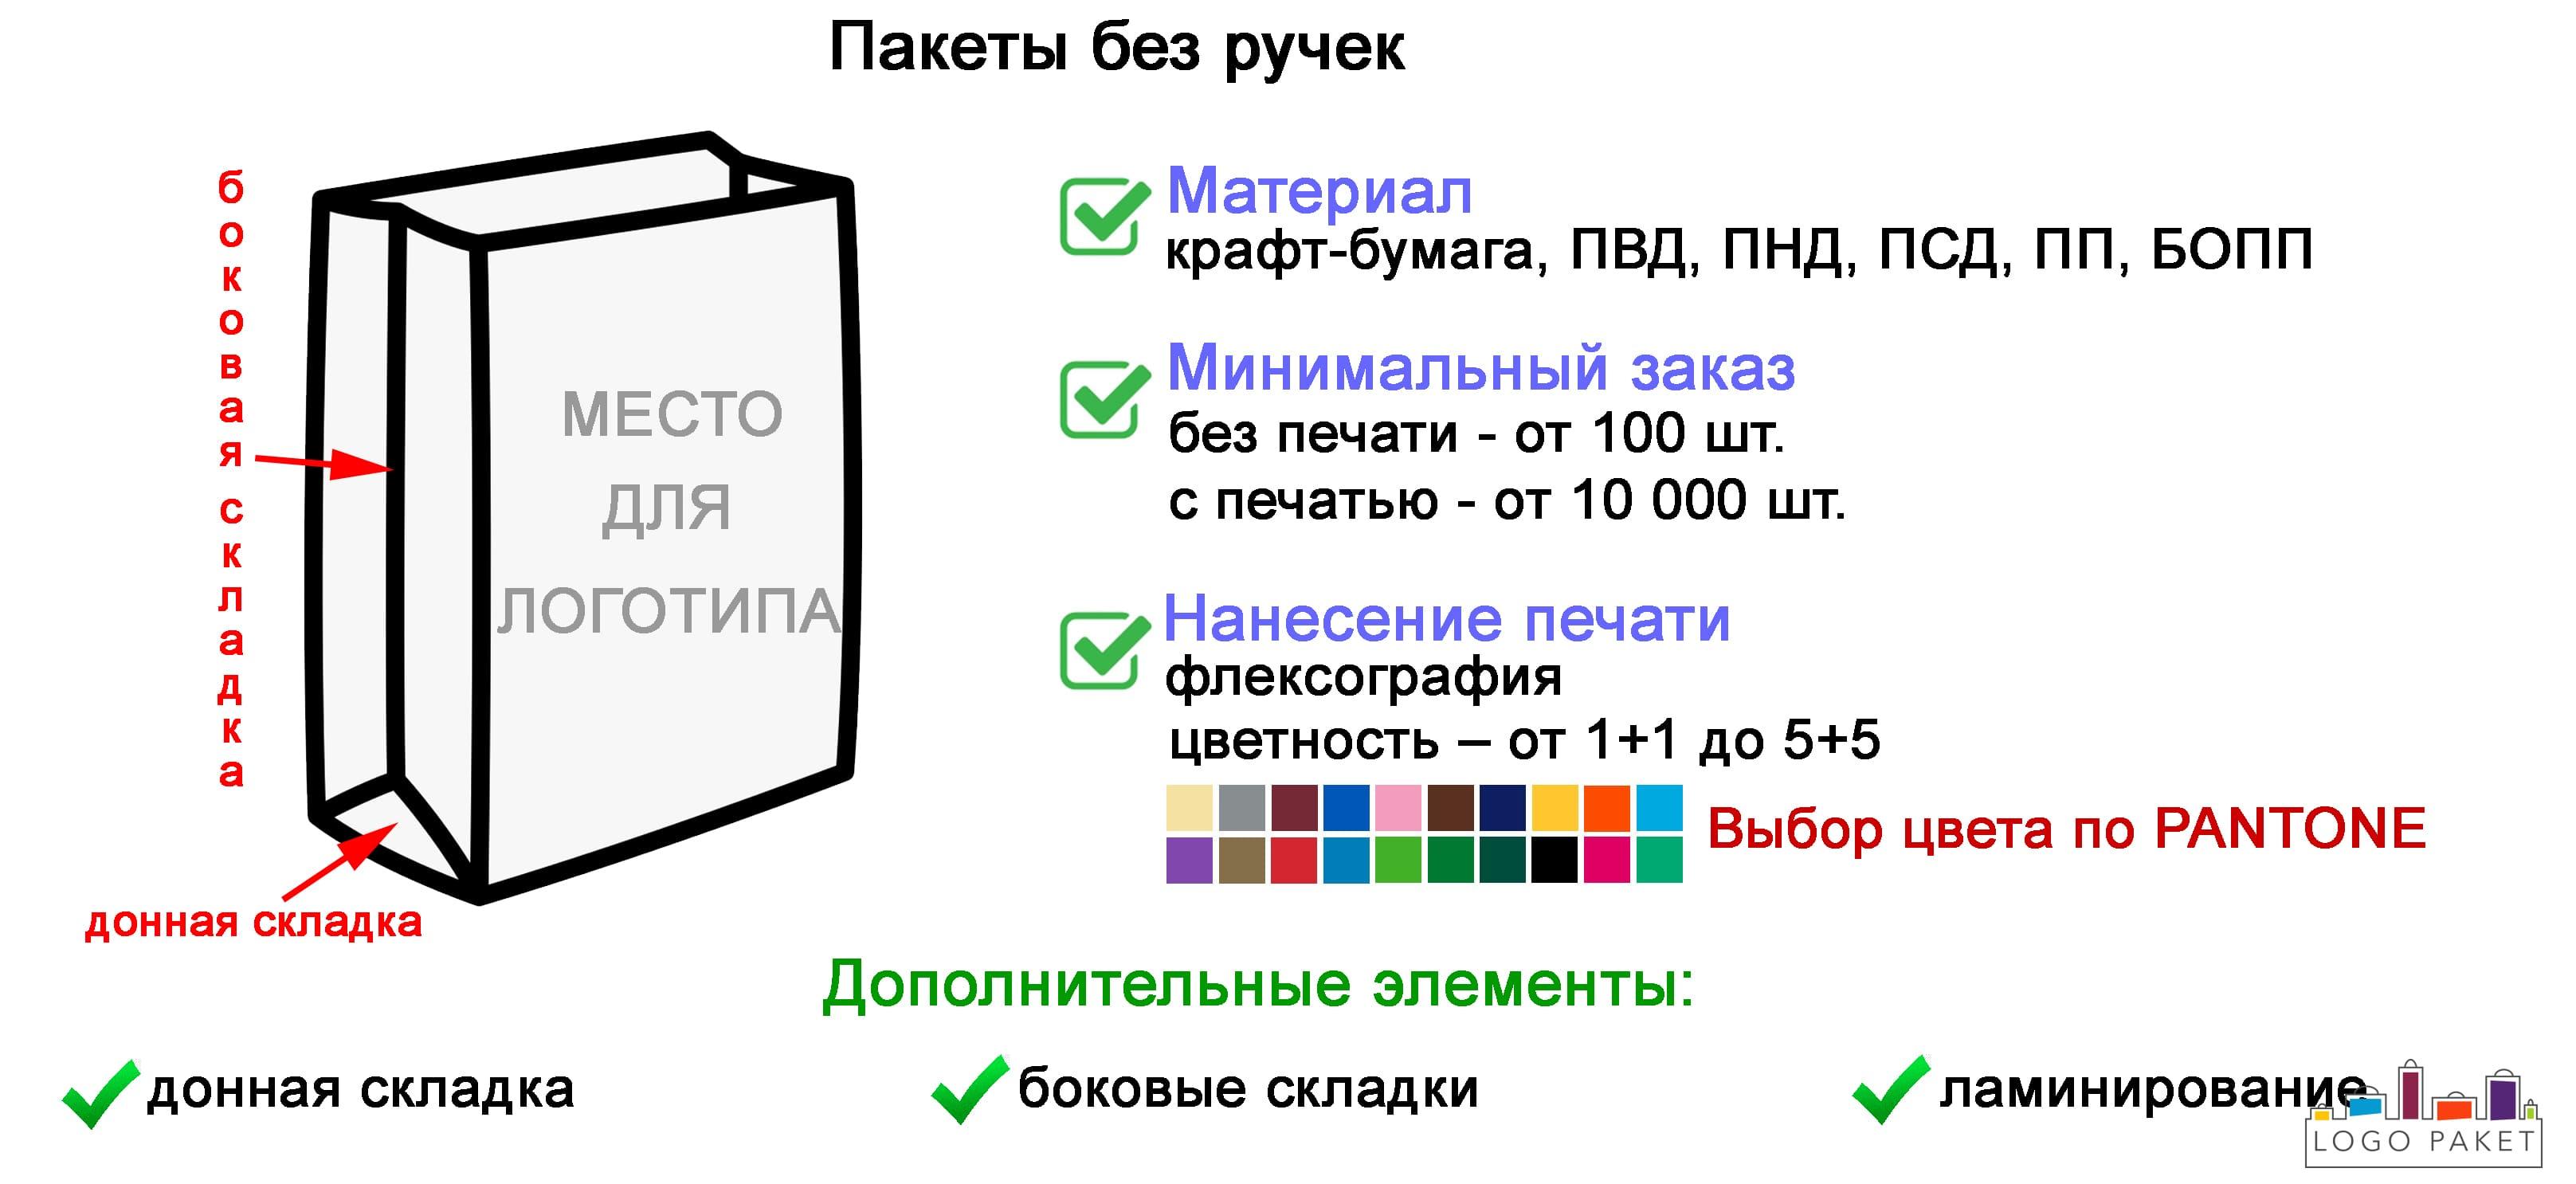 Пакет без ручек инфографика